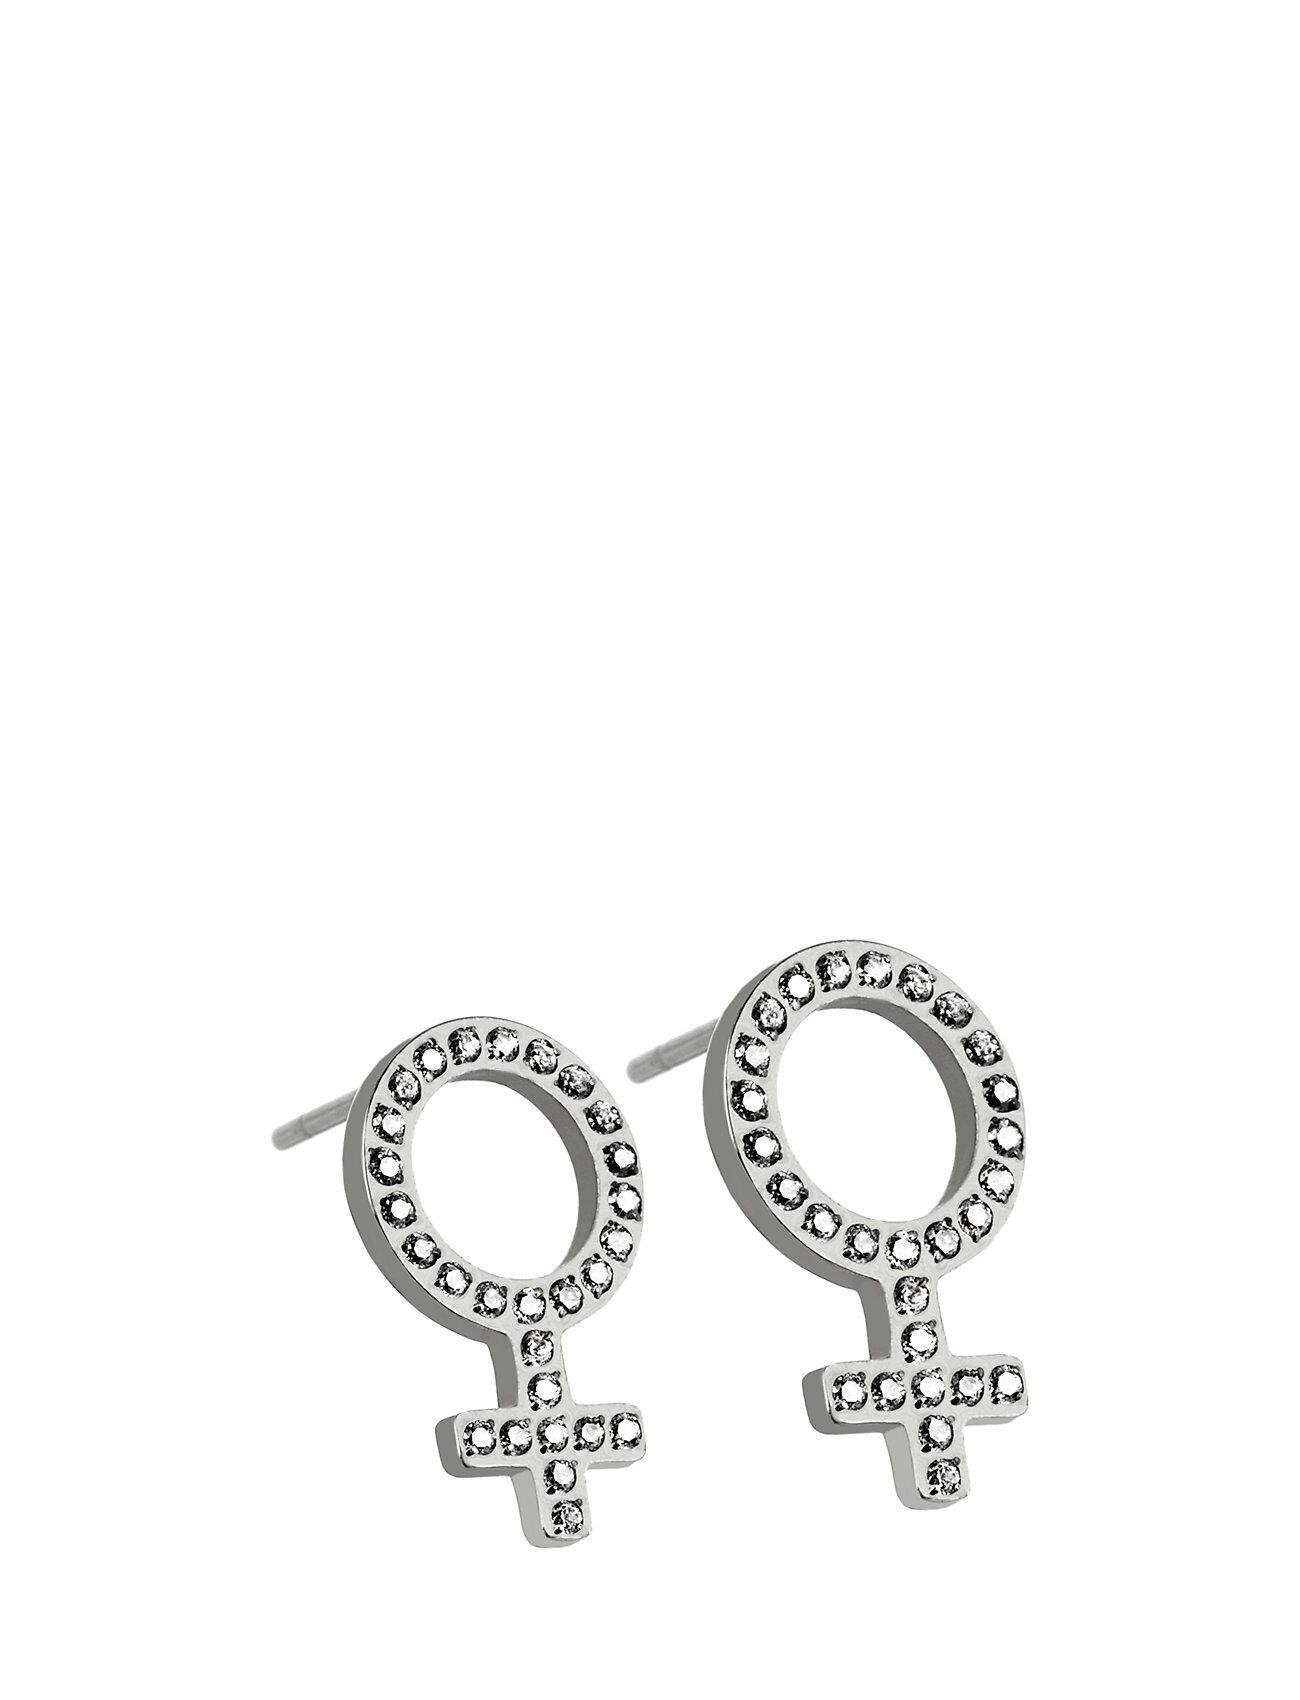 Edblad Me Studs Steel Accessories Jewellery Earrings Studs Hopea Edblad